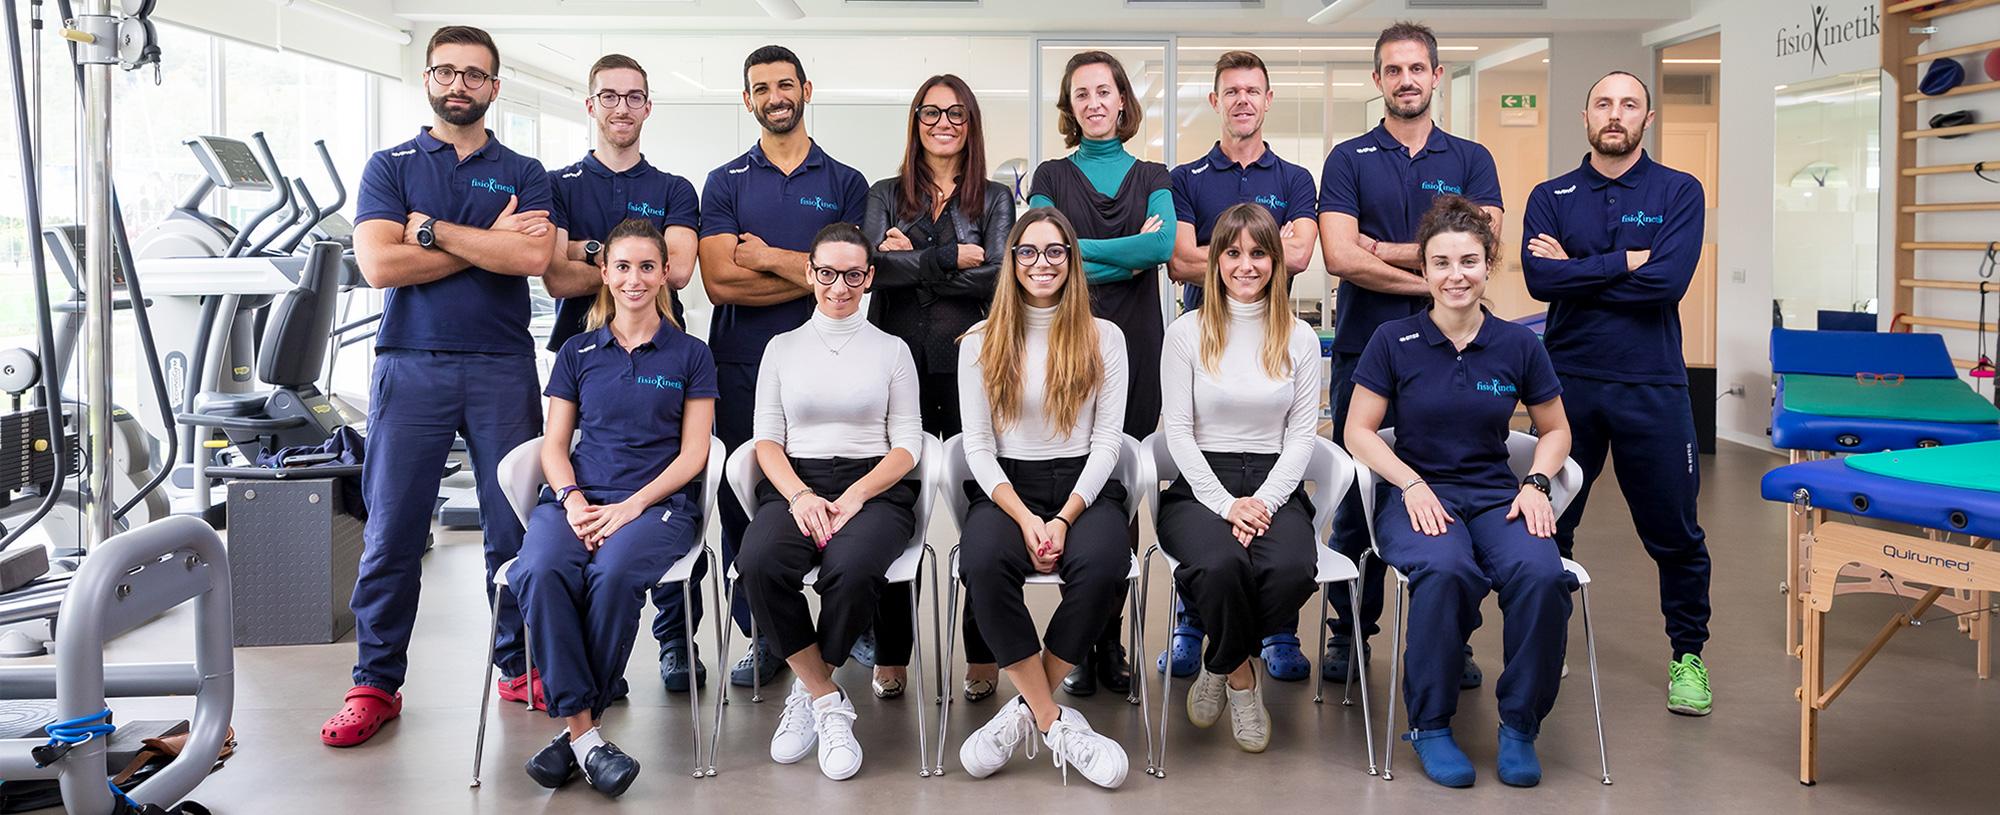 Fisiokinetik Centro di Fisioterapia e Struttura Sanitaria a Biella